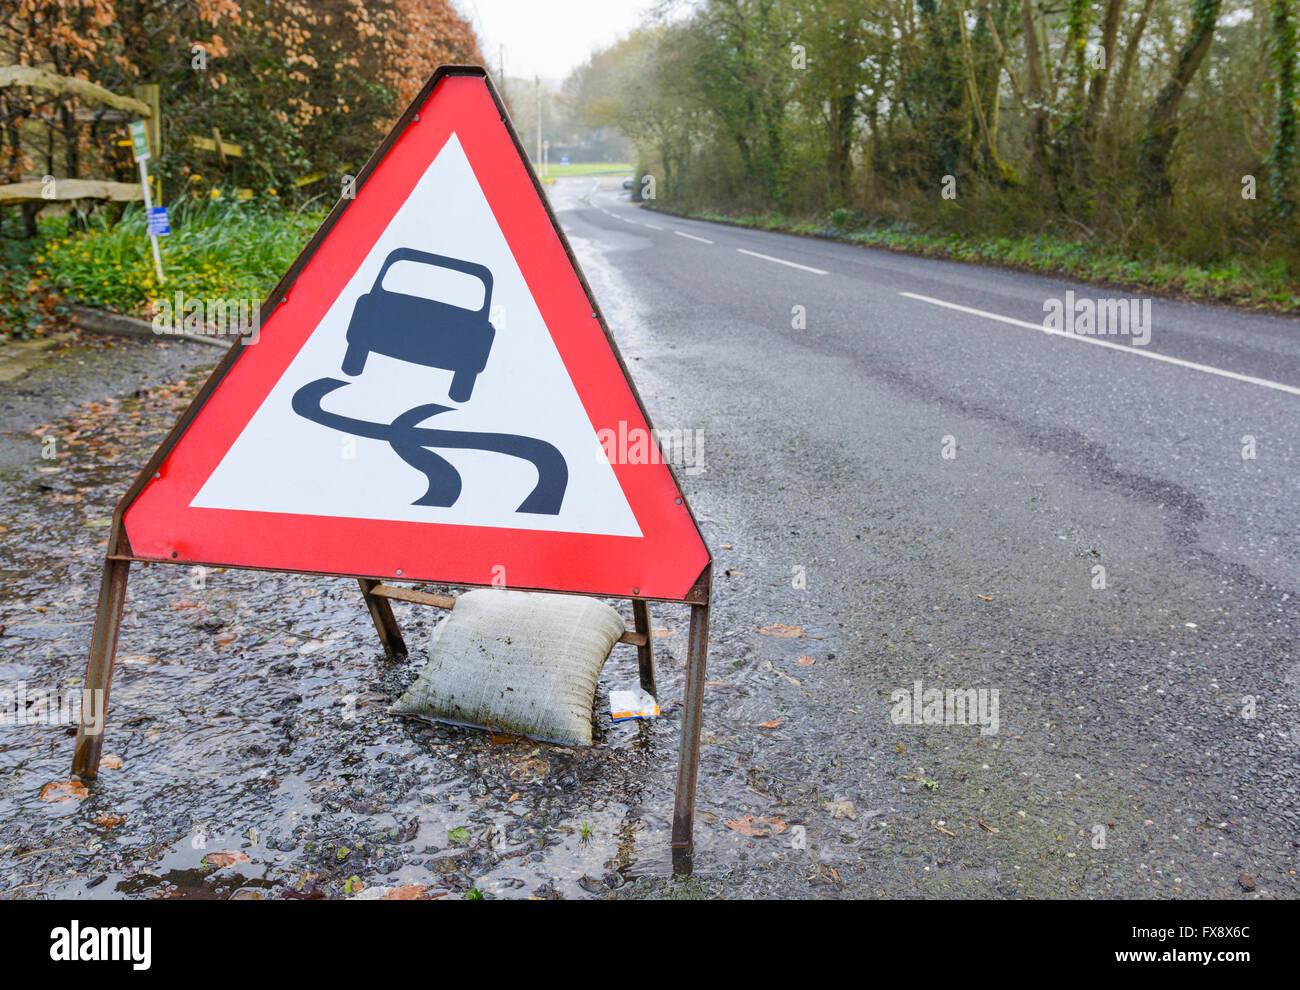 Señal de advertencia triangular resbalosa en un camino inundado en el Reino Unido. Imagen De Stock